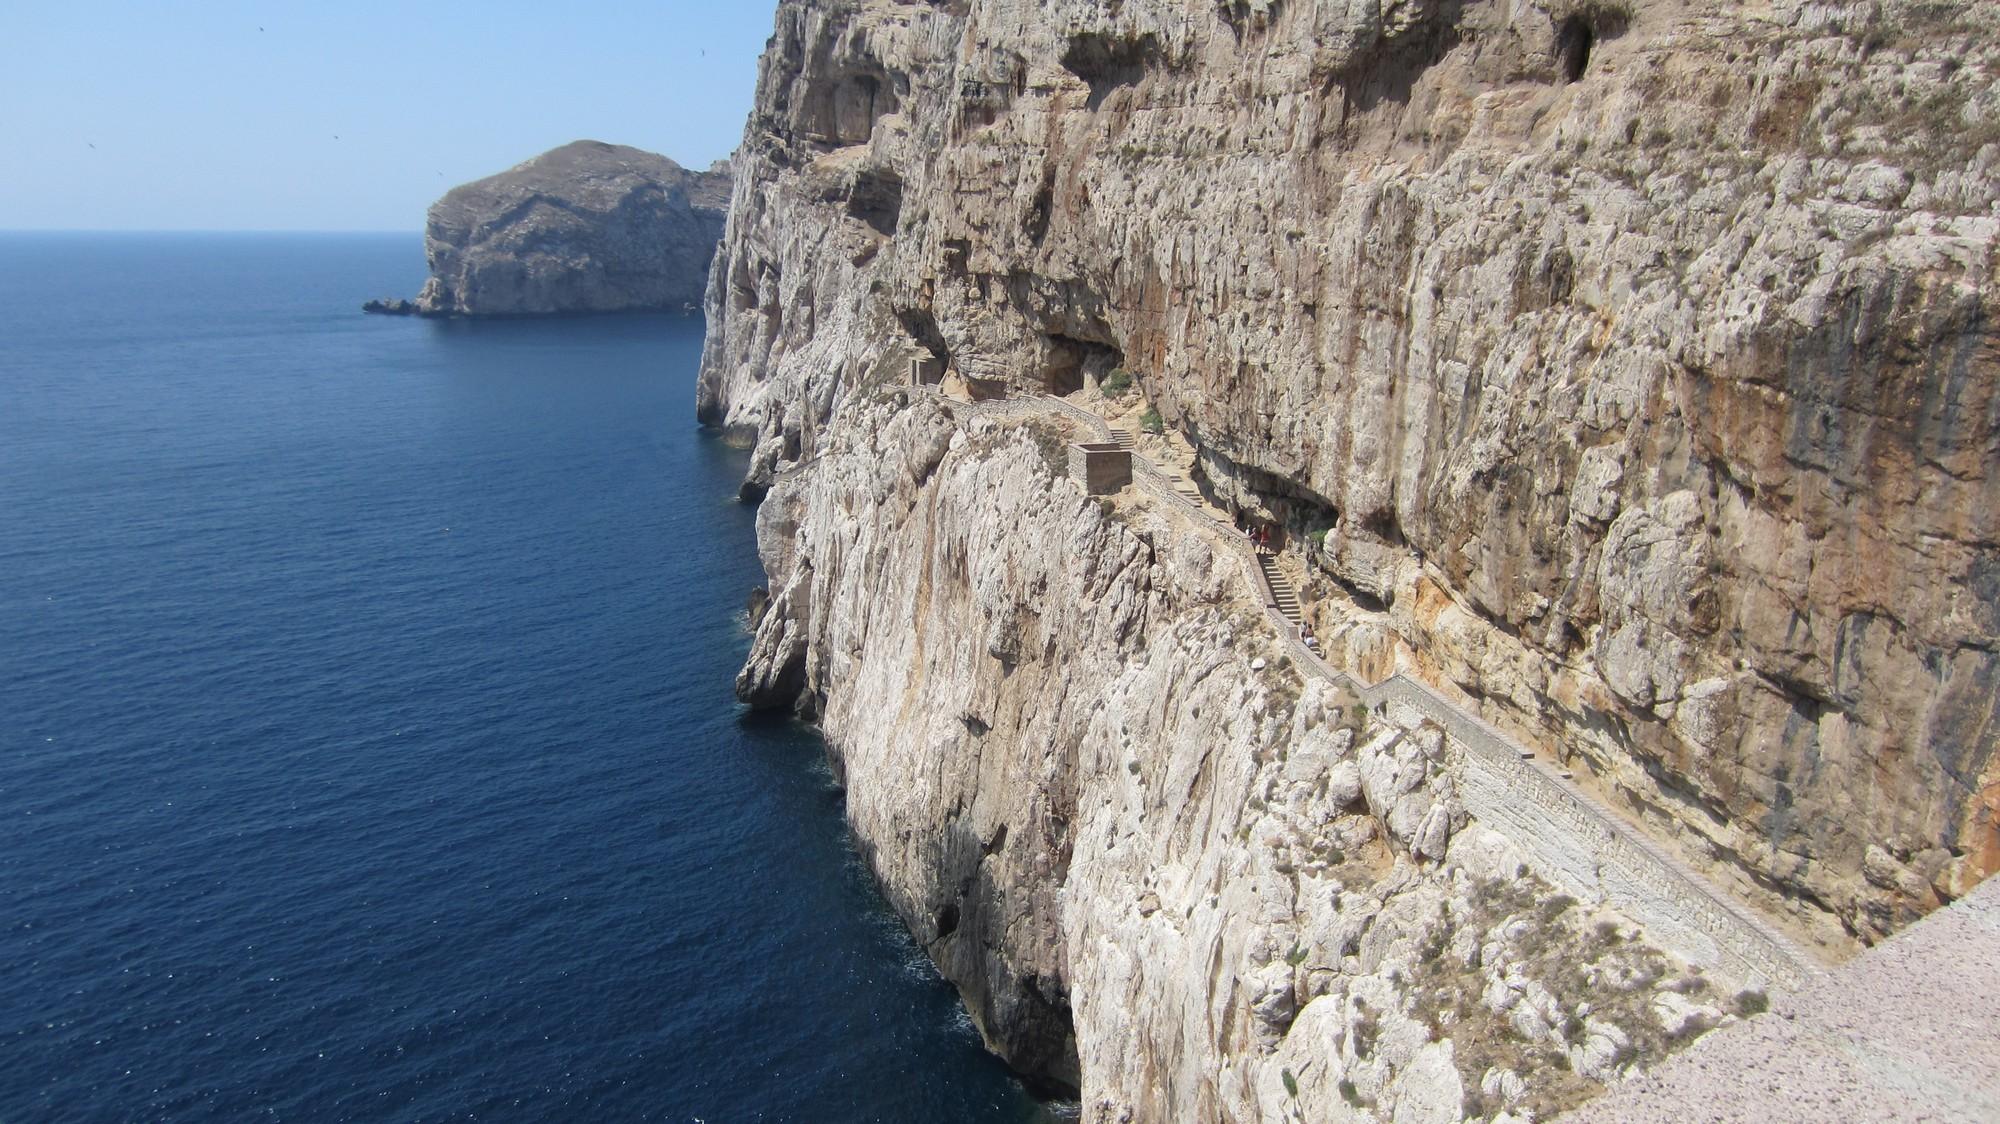 Viaggio in Sardegna: le Grotte di Nettuno!